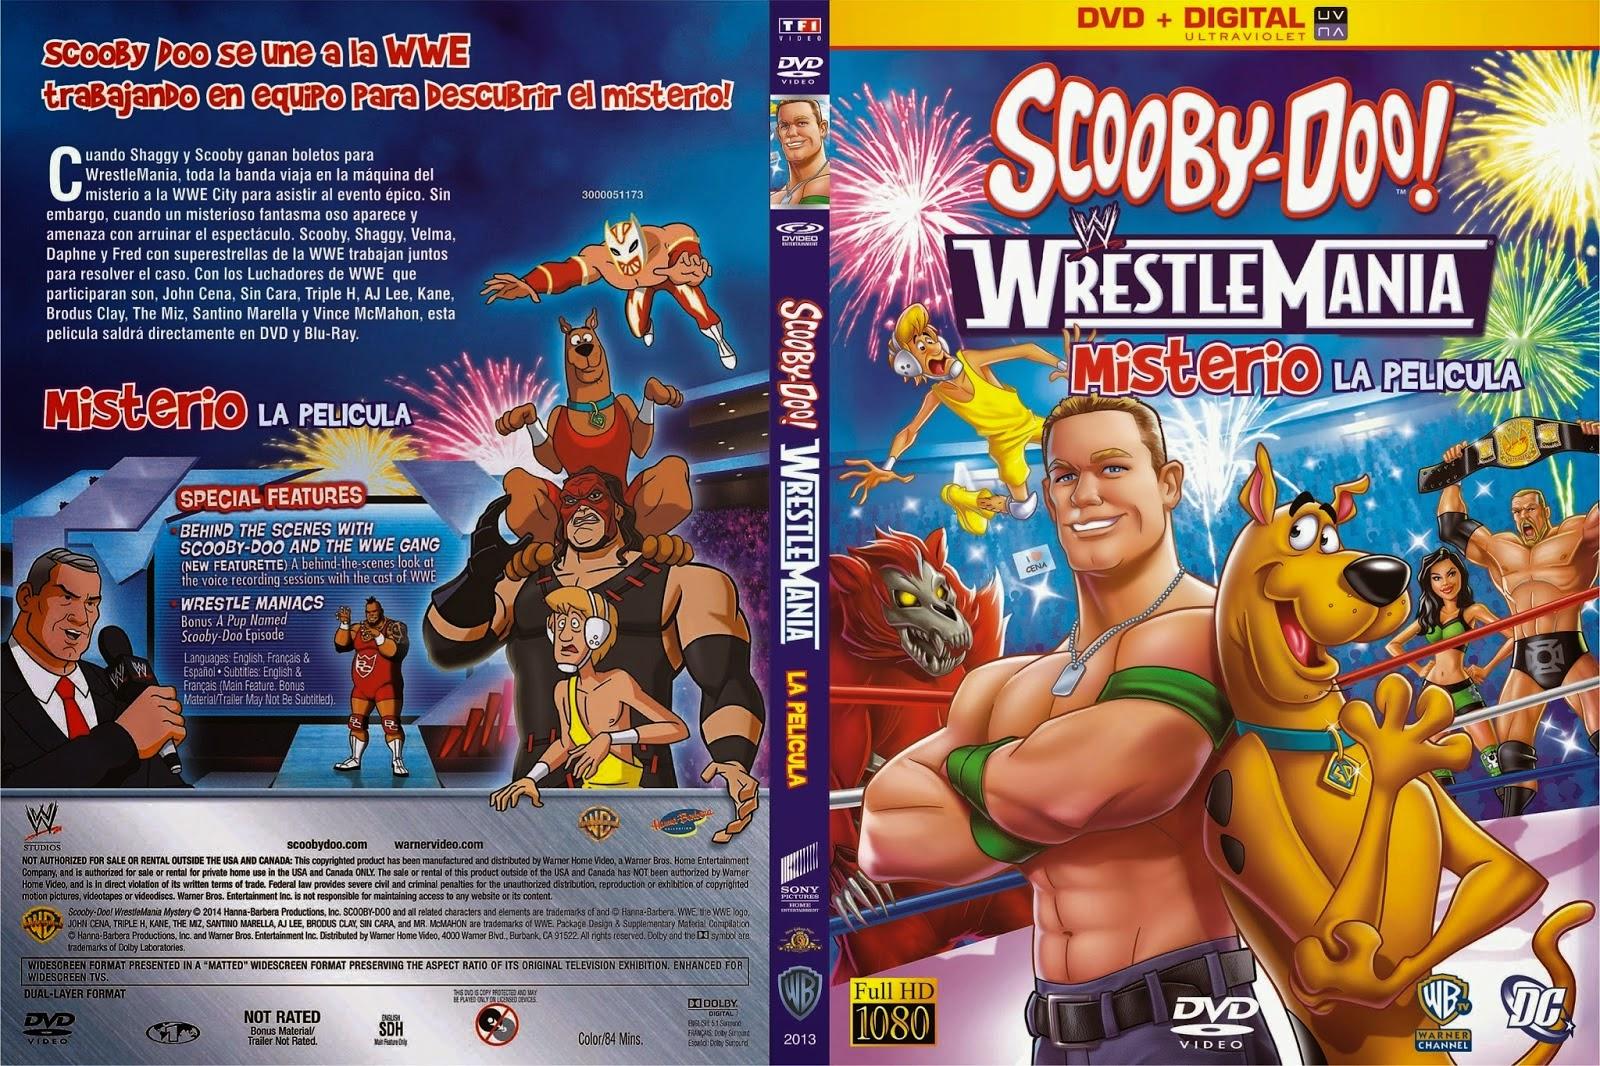 Scooby Doo e o Mistério de Wrestlemania